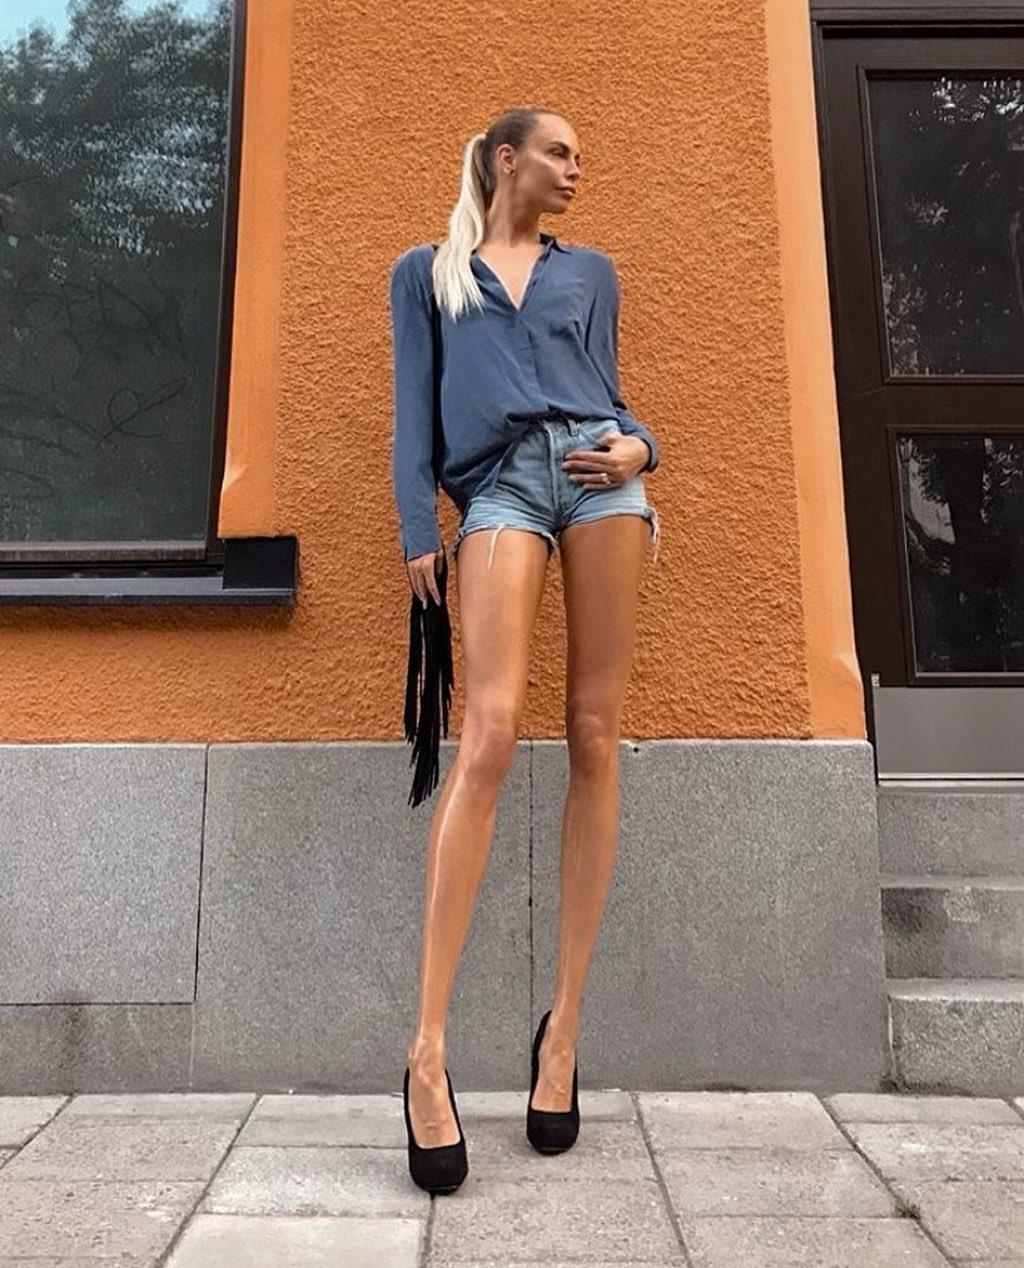 Ия Остергрен — девушка с самыми длинными ногами по соотношению к росту